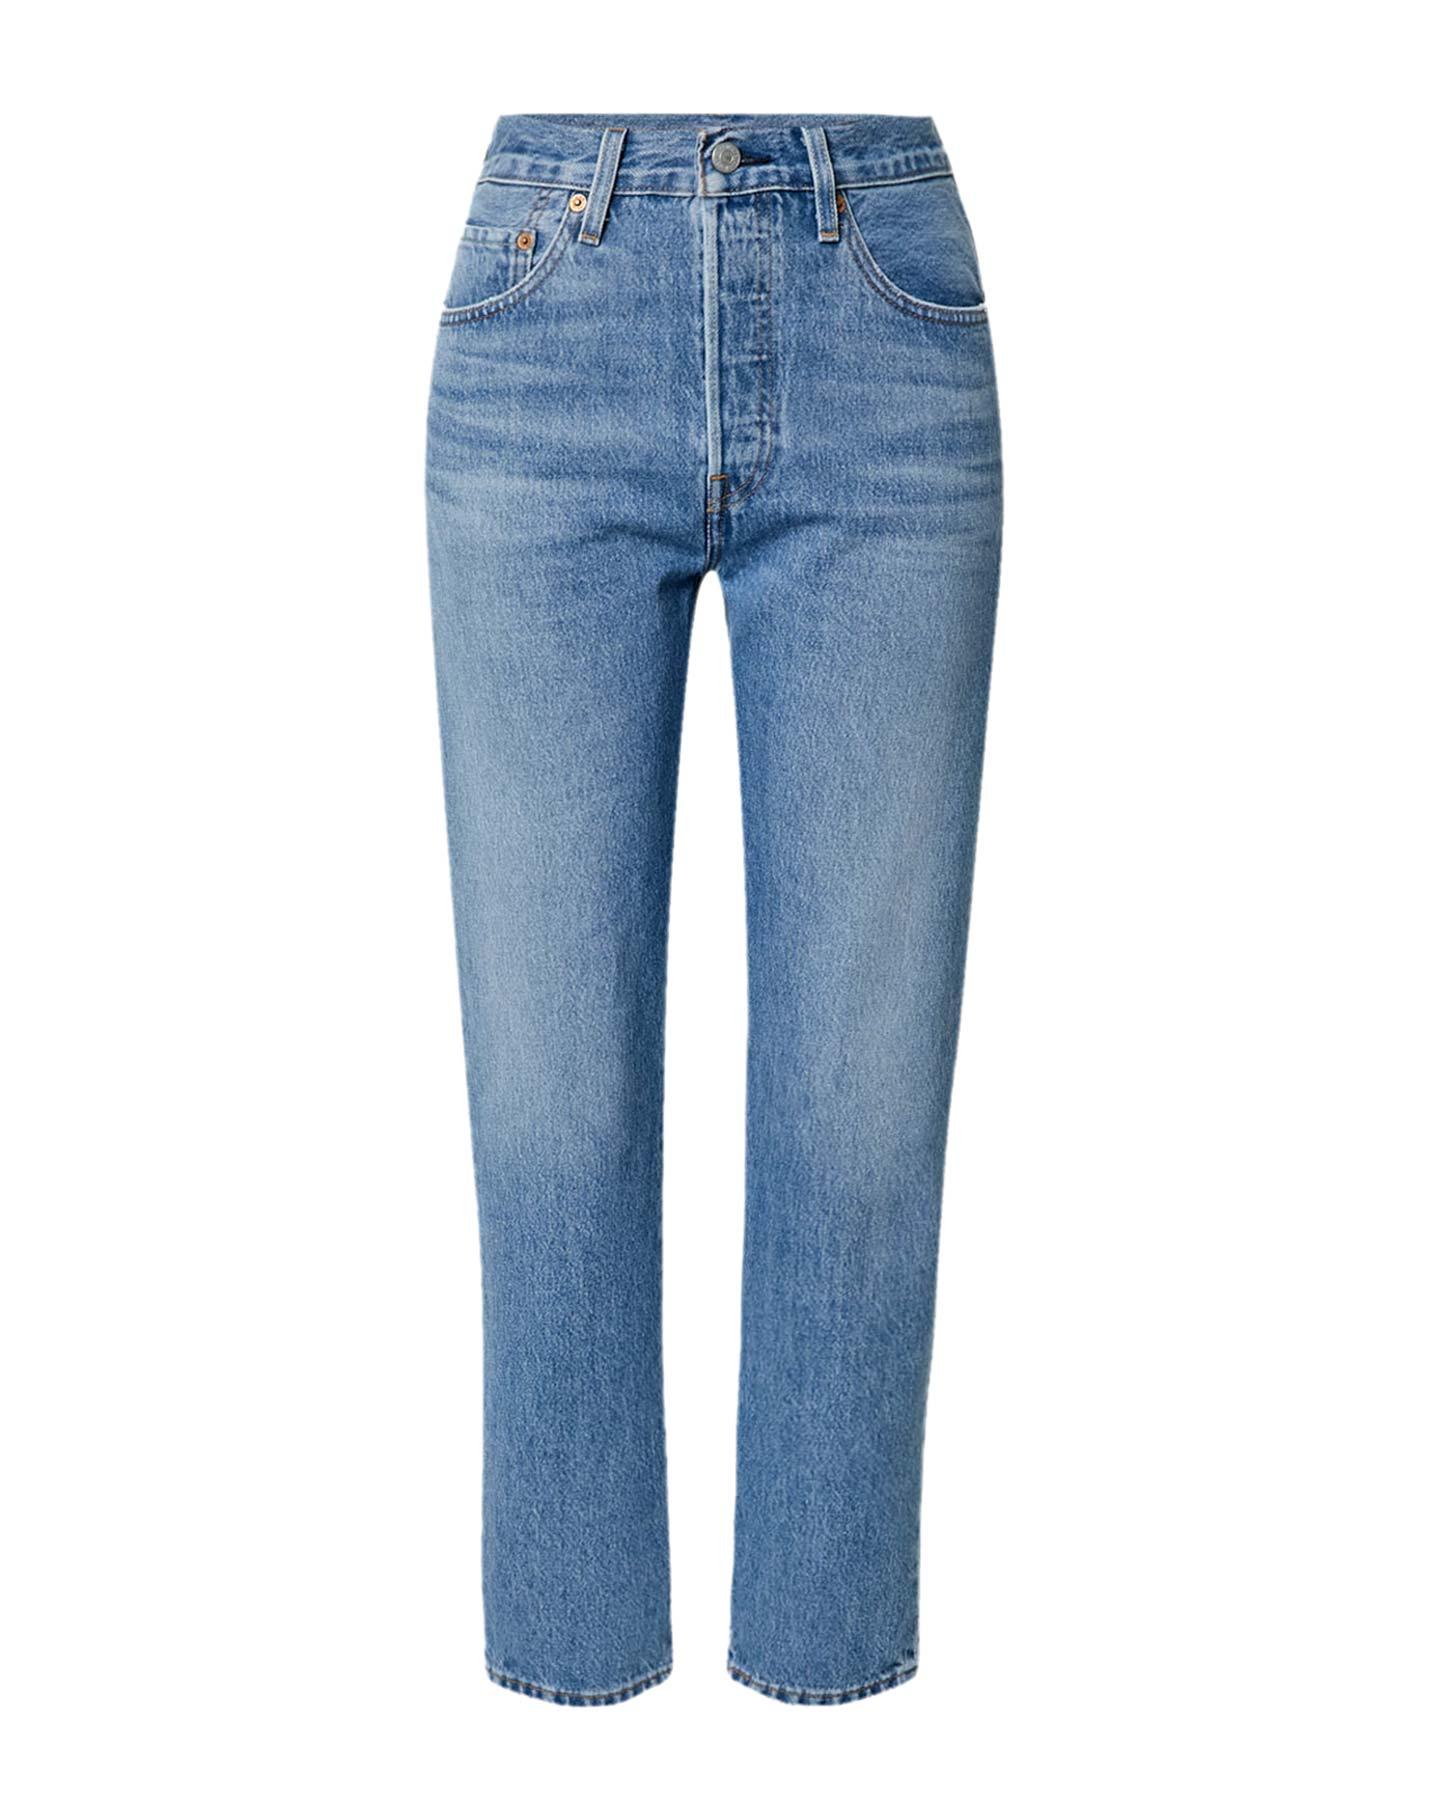 pantalón mom-jean primavera